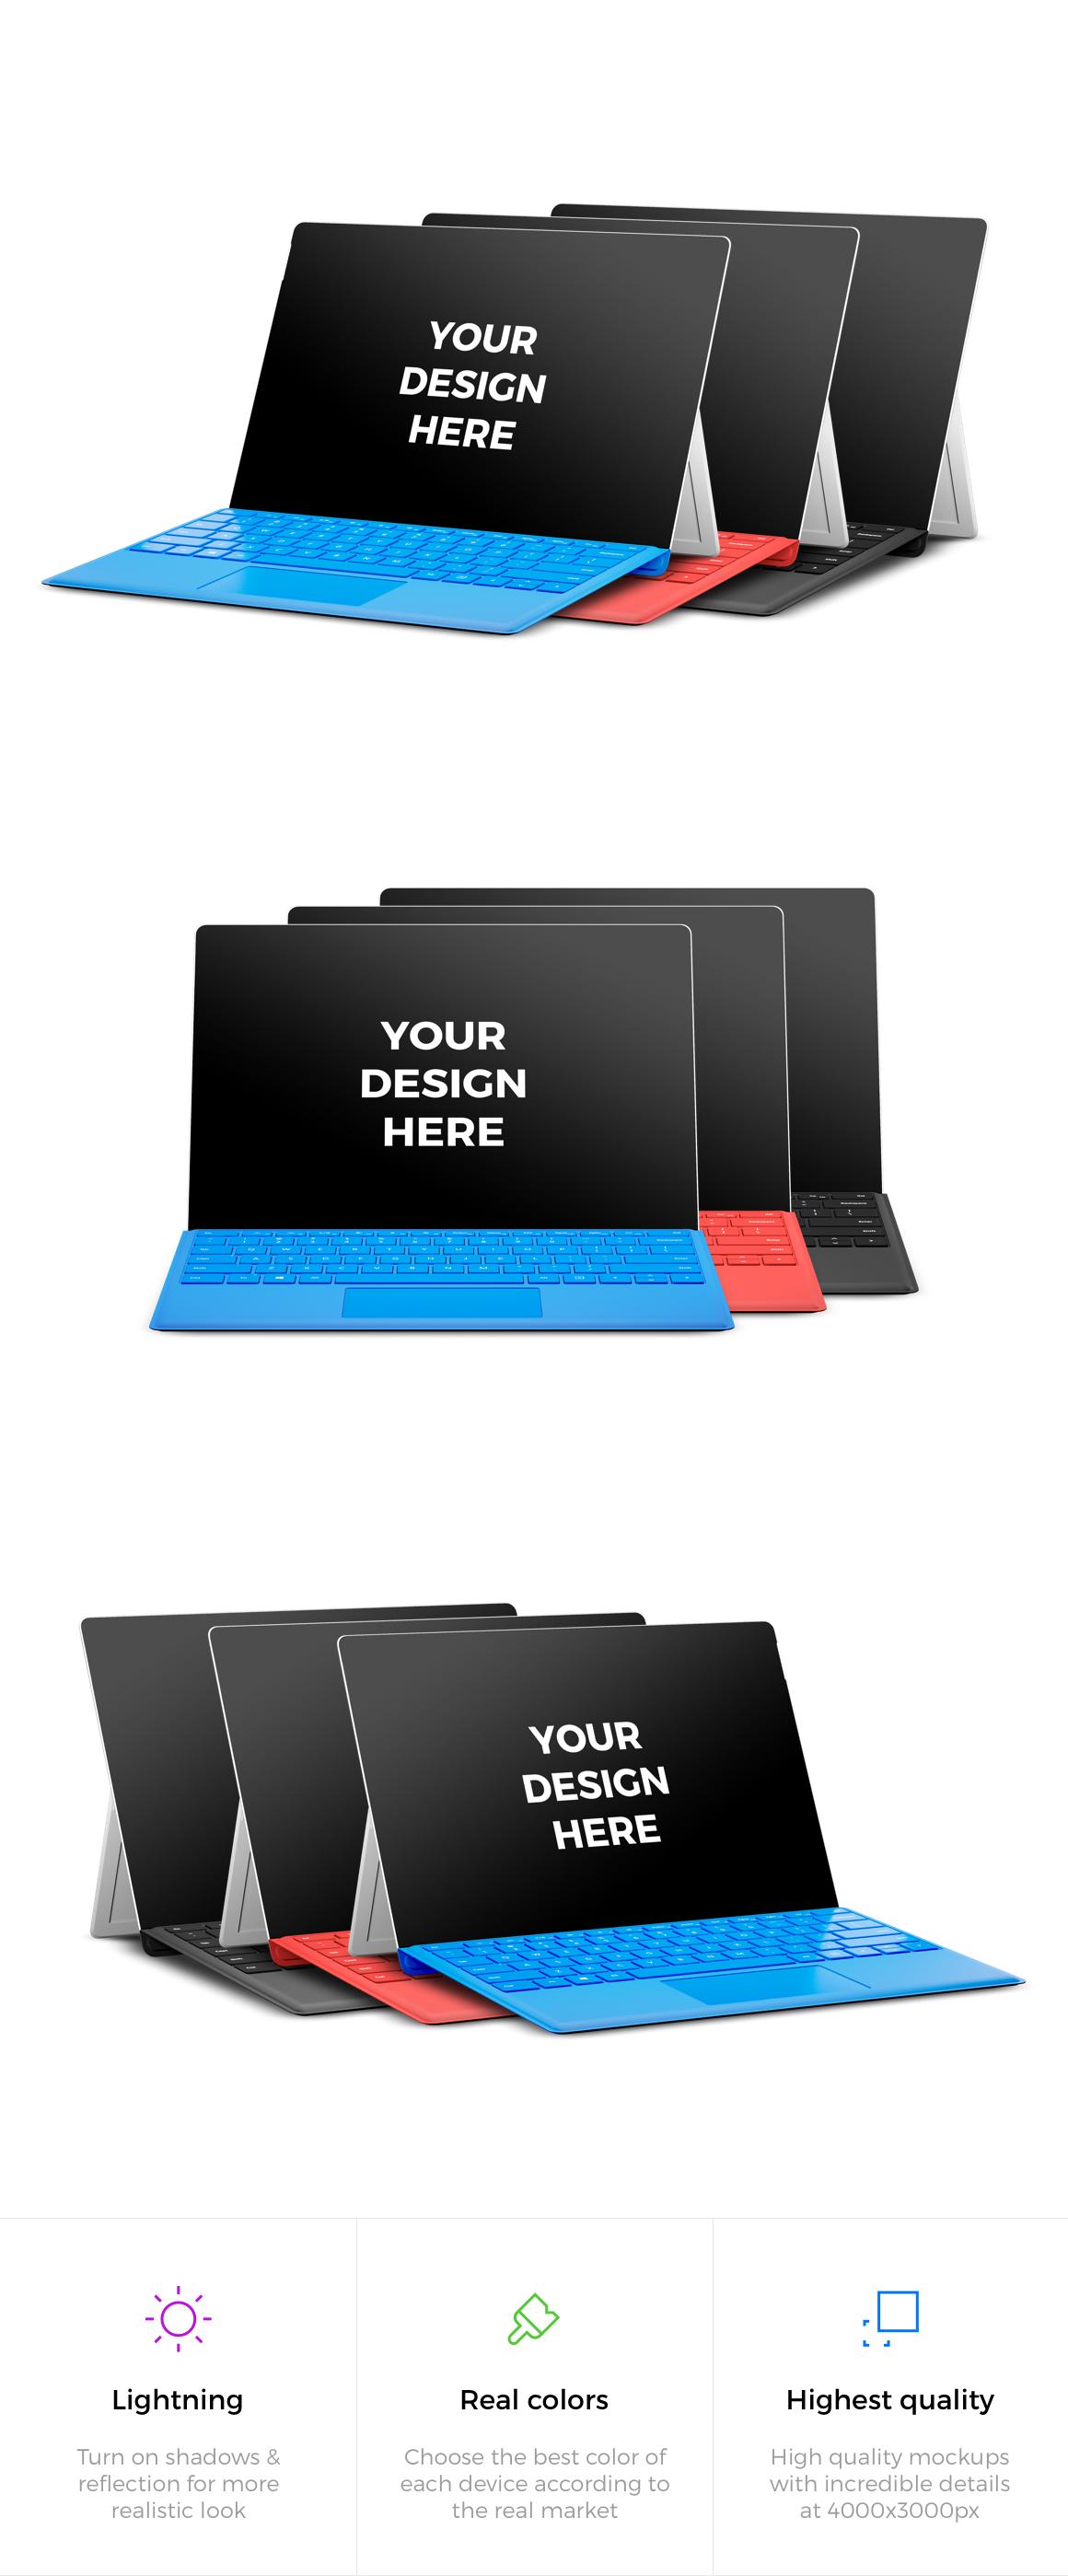 9x Microsoft Surface Pro 4 Mockups example image 2